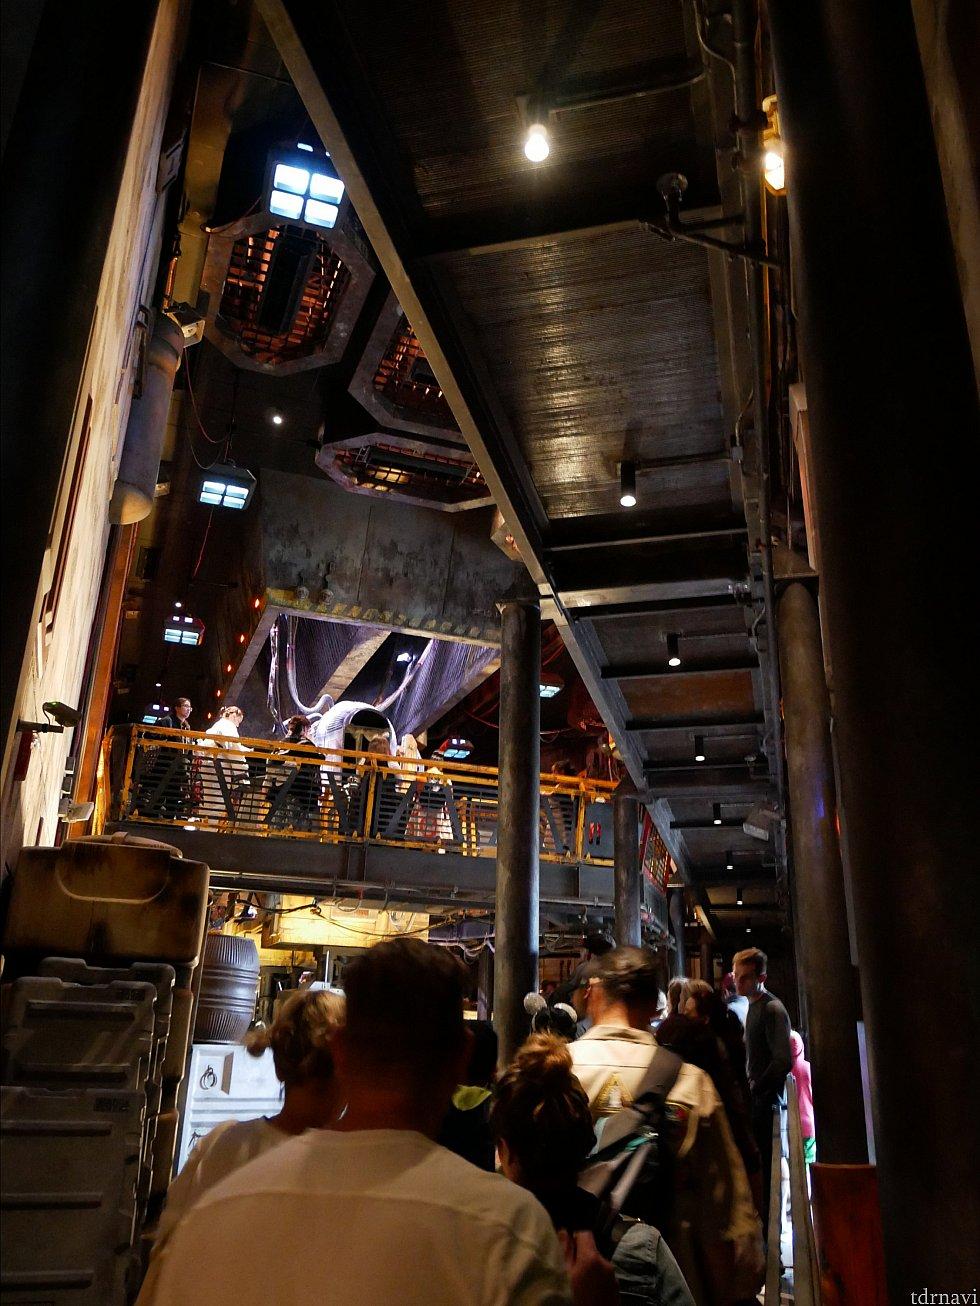 室内はスターツアーズの待ち列のように、少しずつ登っていくタイプです。